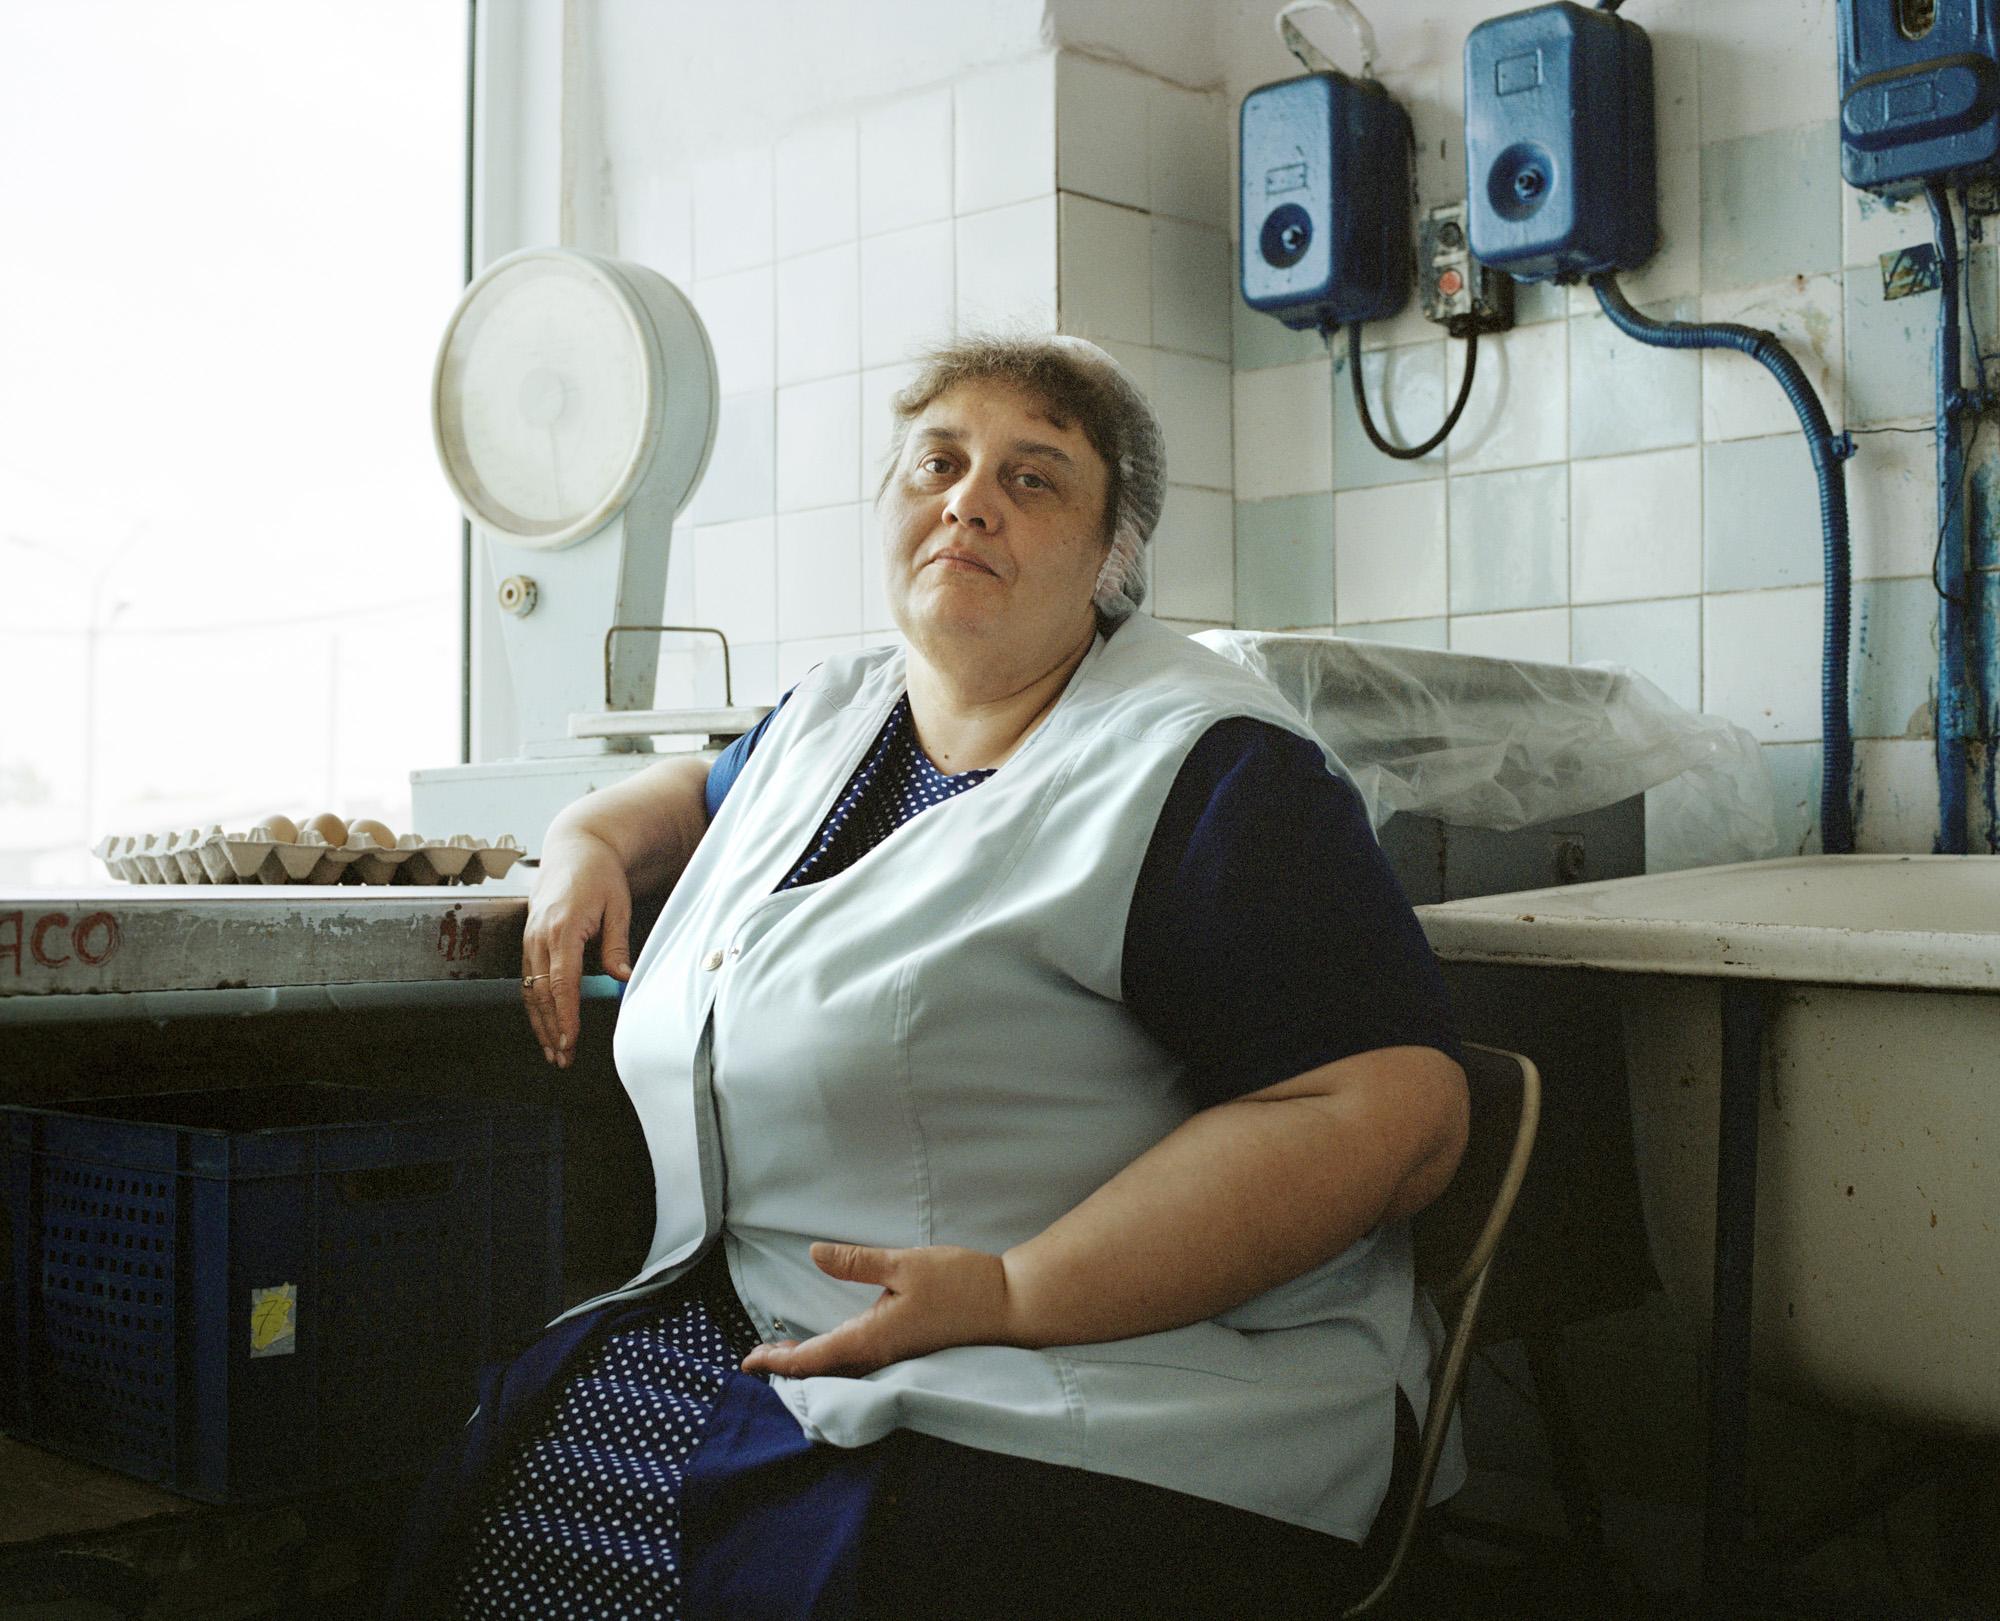 14-Liubov Proshkina, tram depot cook, Kaliningrad